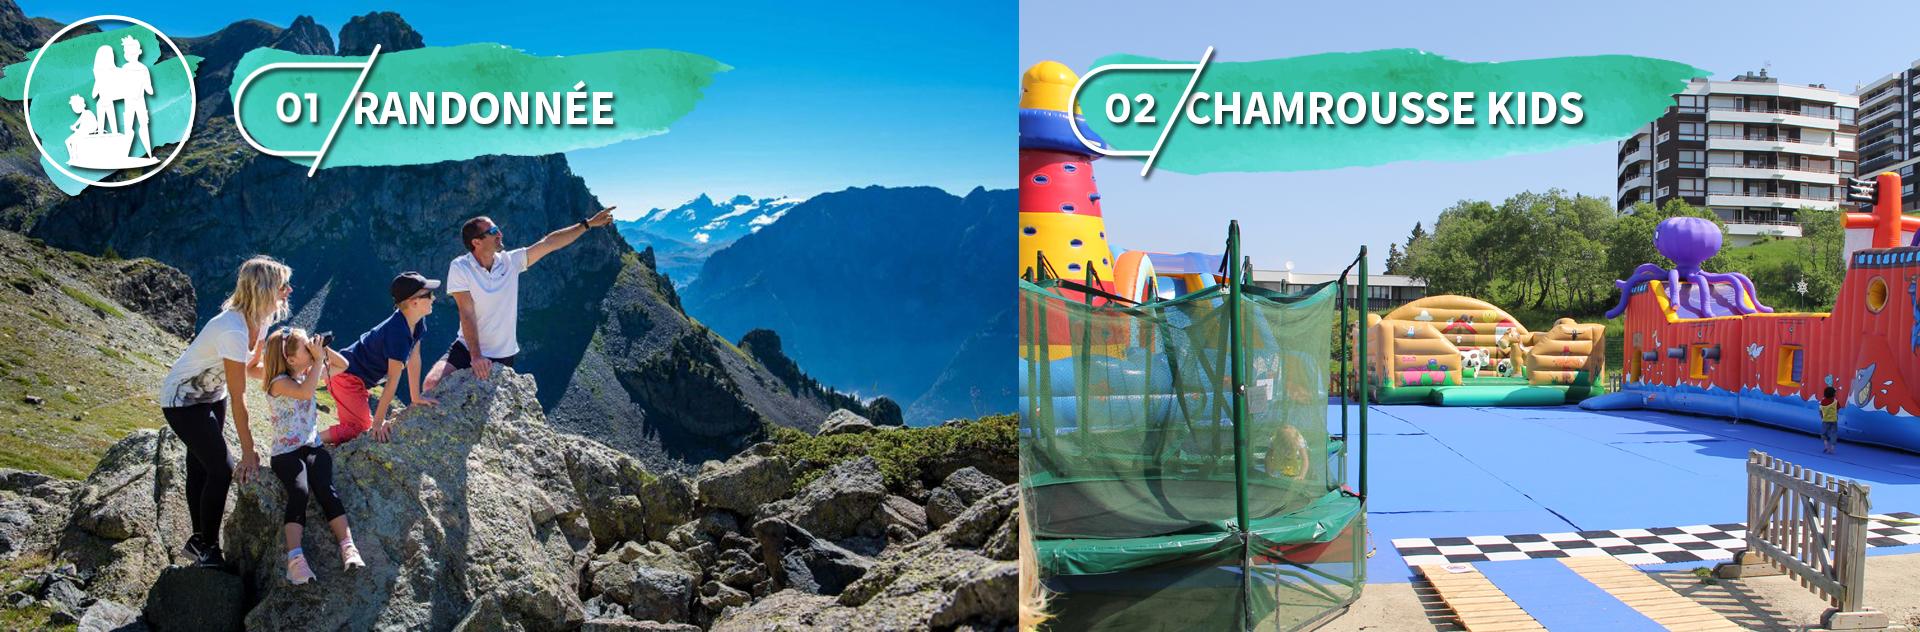 Chamrousse must-see summer season family top mountain resort grenoble isere french alps france - © Images-et-reves.fr / EG - OT Chamrousse